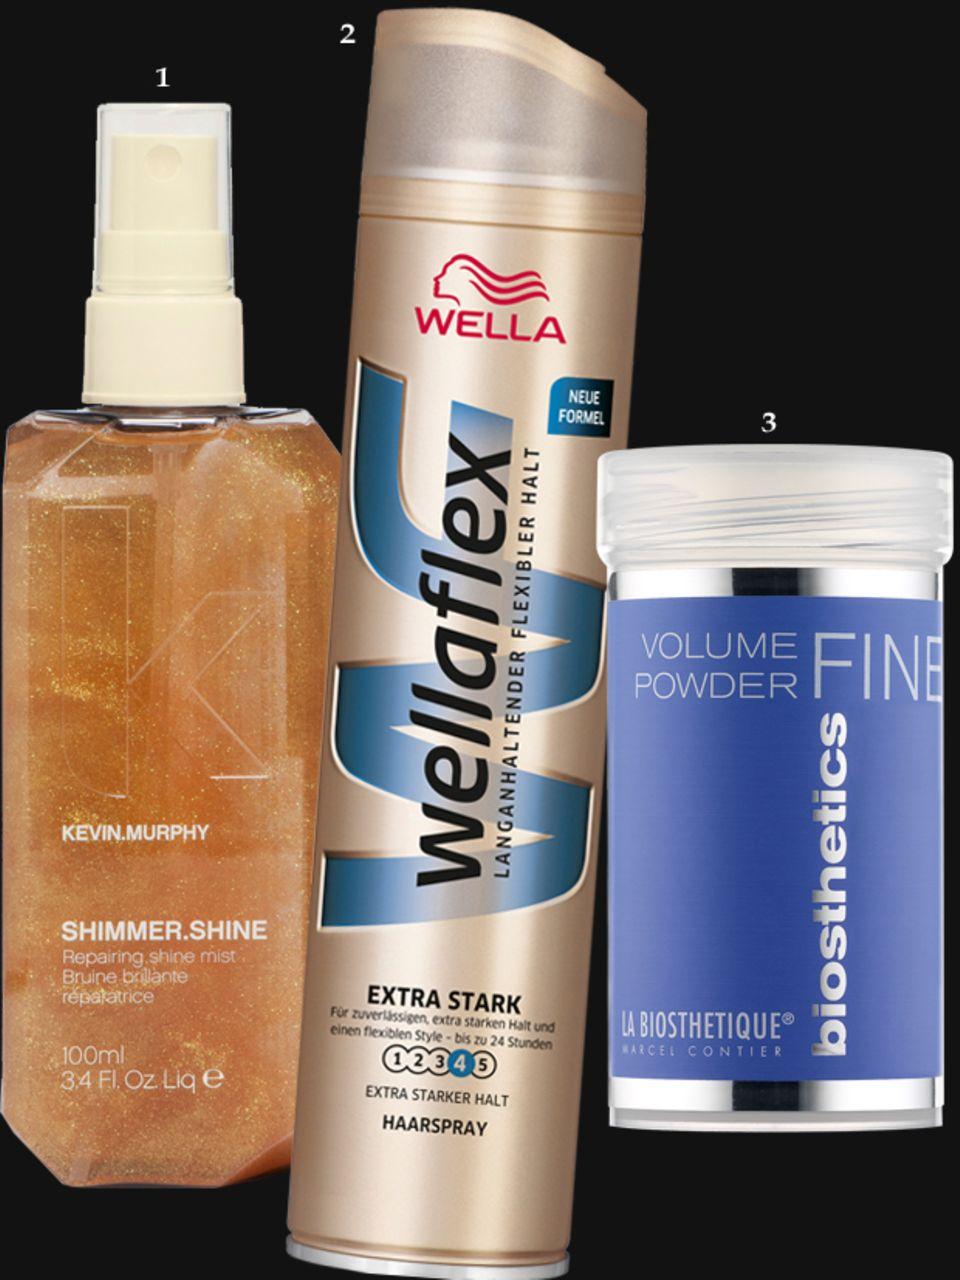 """1. """"Shimmer.Shine""""-Spray von Kevin Murphy, 100 ml, ca. 28 Euro; 2. """"Form & Finish Haarspray extra starker Halt"""" von Wellaflex, 75 ml, ca. 1,50 Euro; 3. """"Volume Powder"""" von La Biosthétique, 14 g, ca. 19 Euro"""